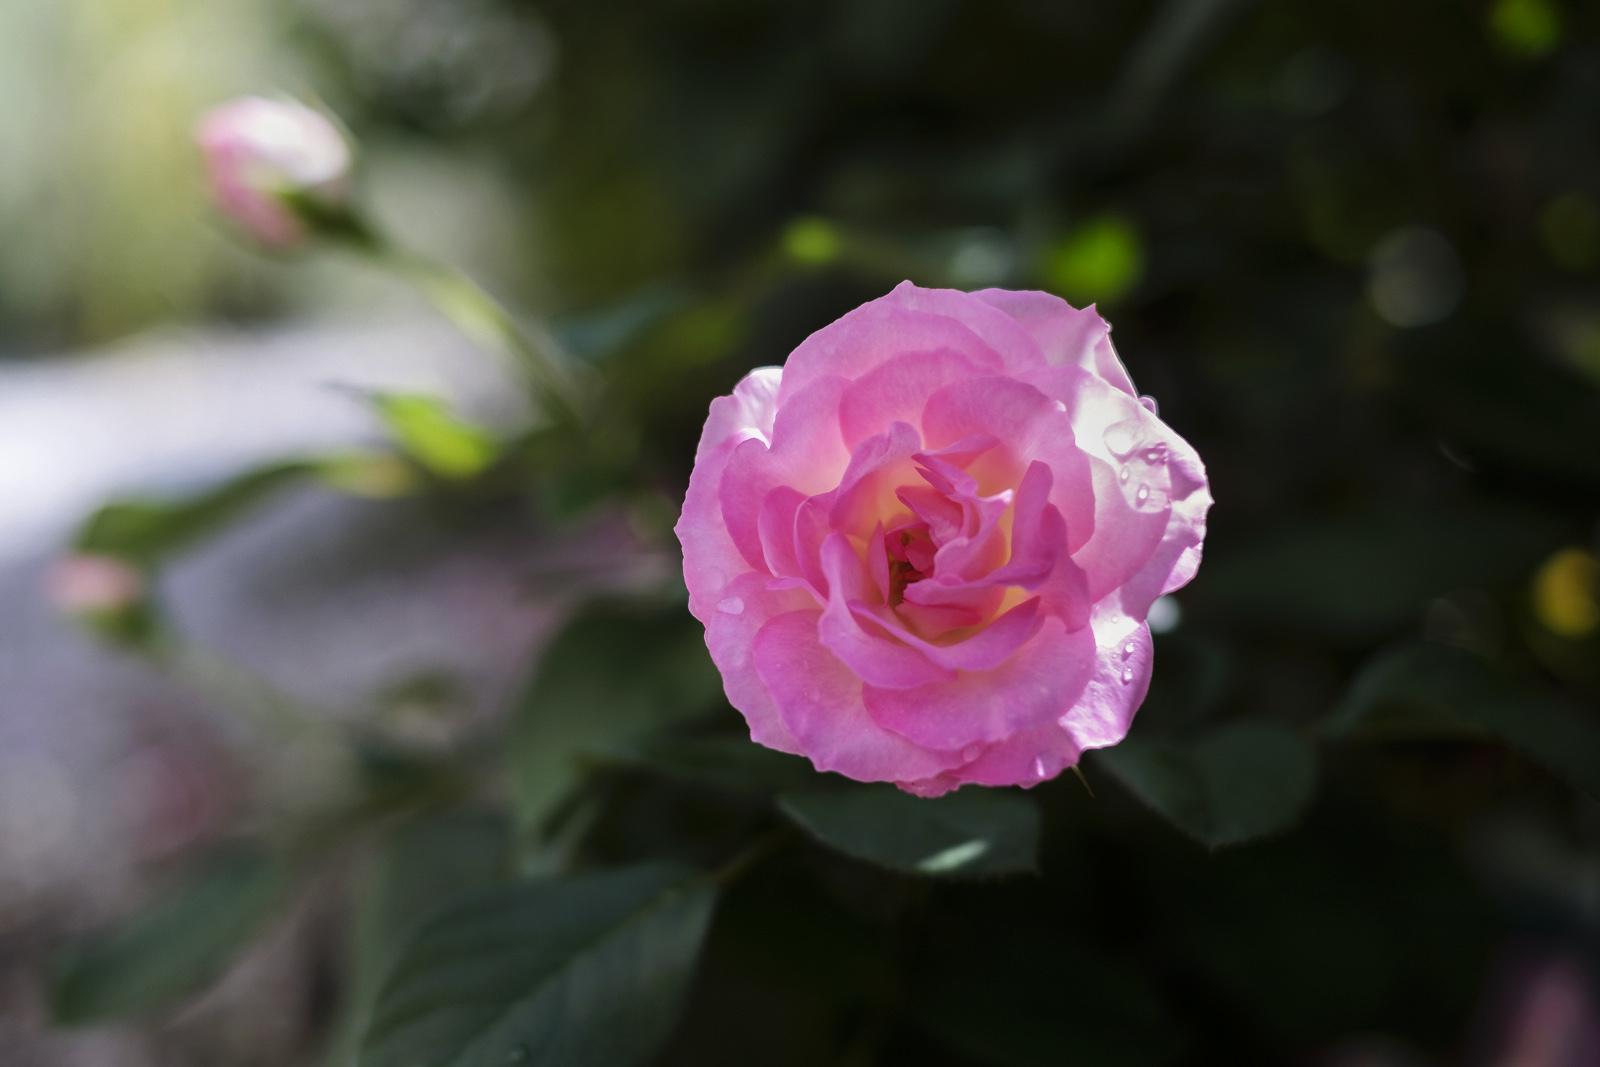 晴れた日に花の写真を撮らない理由_e0367501_11001511.jpg